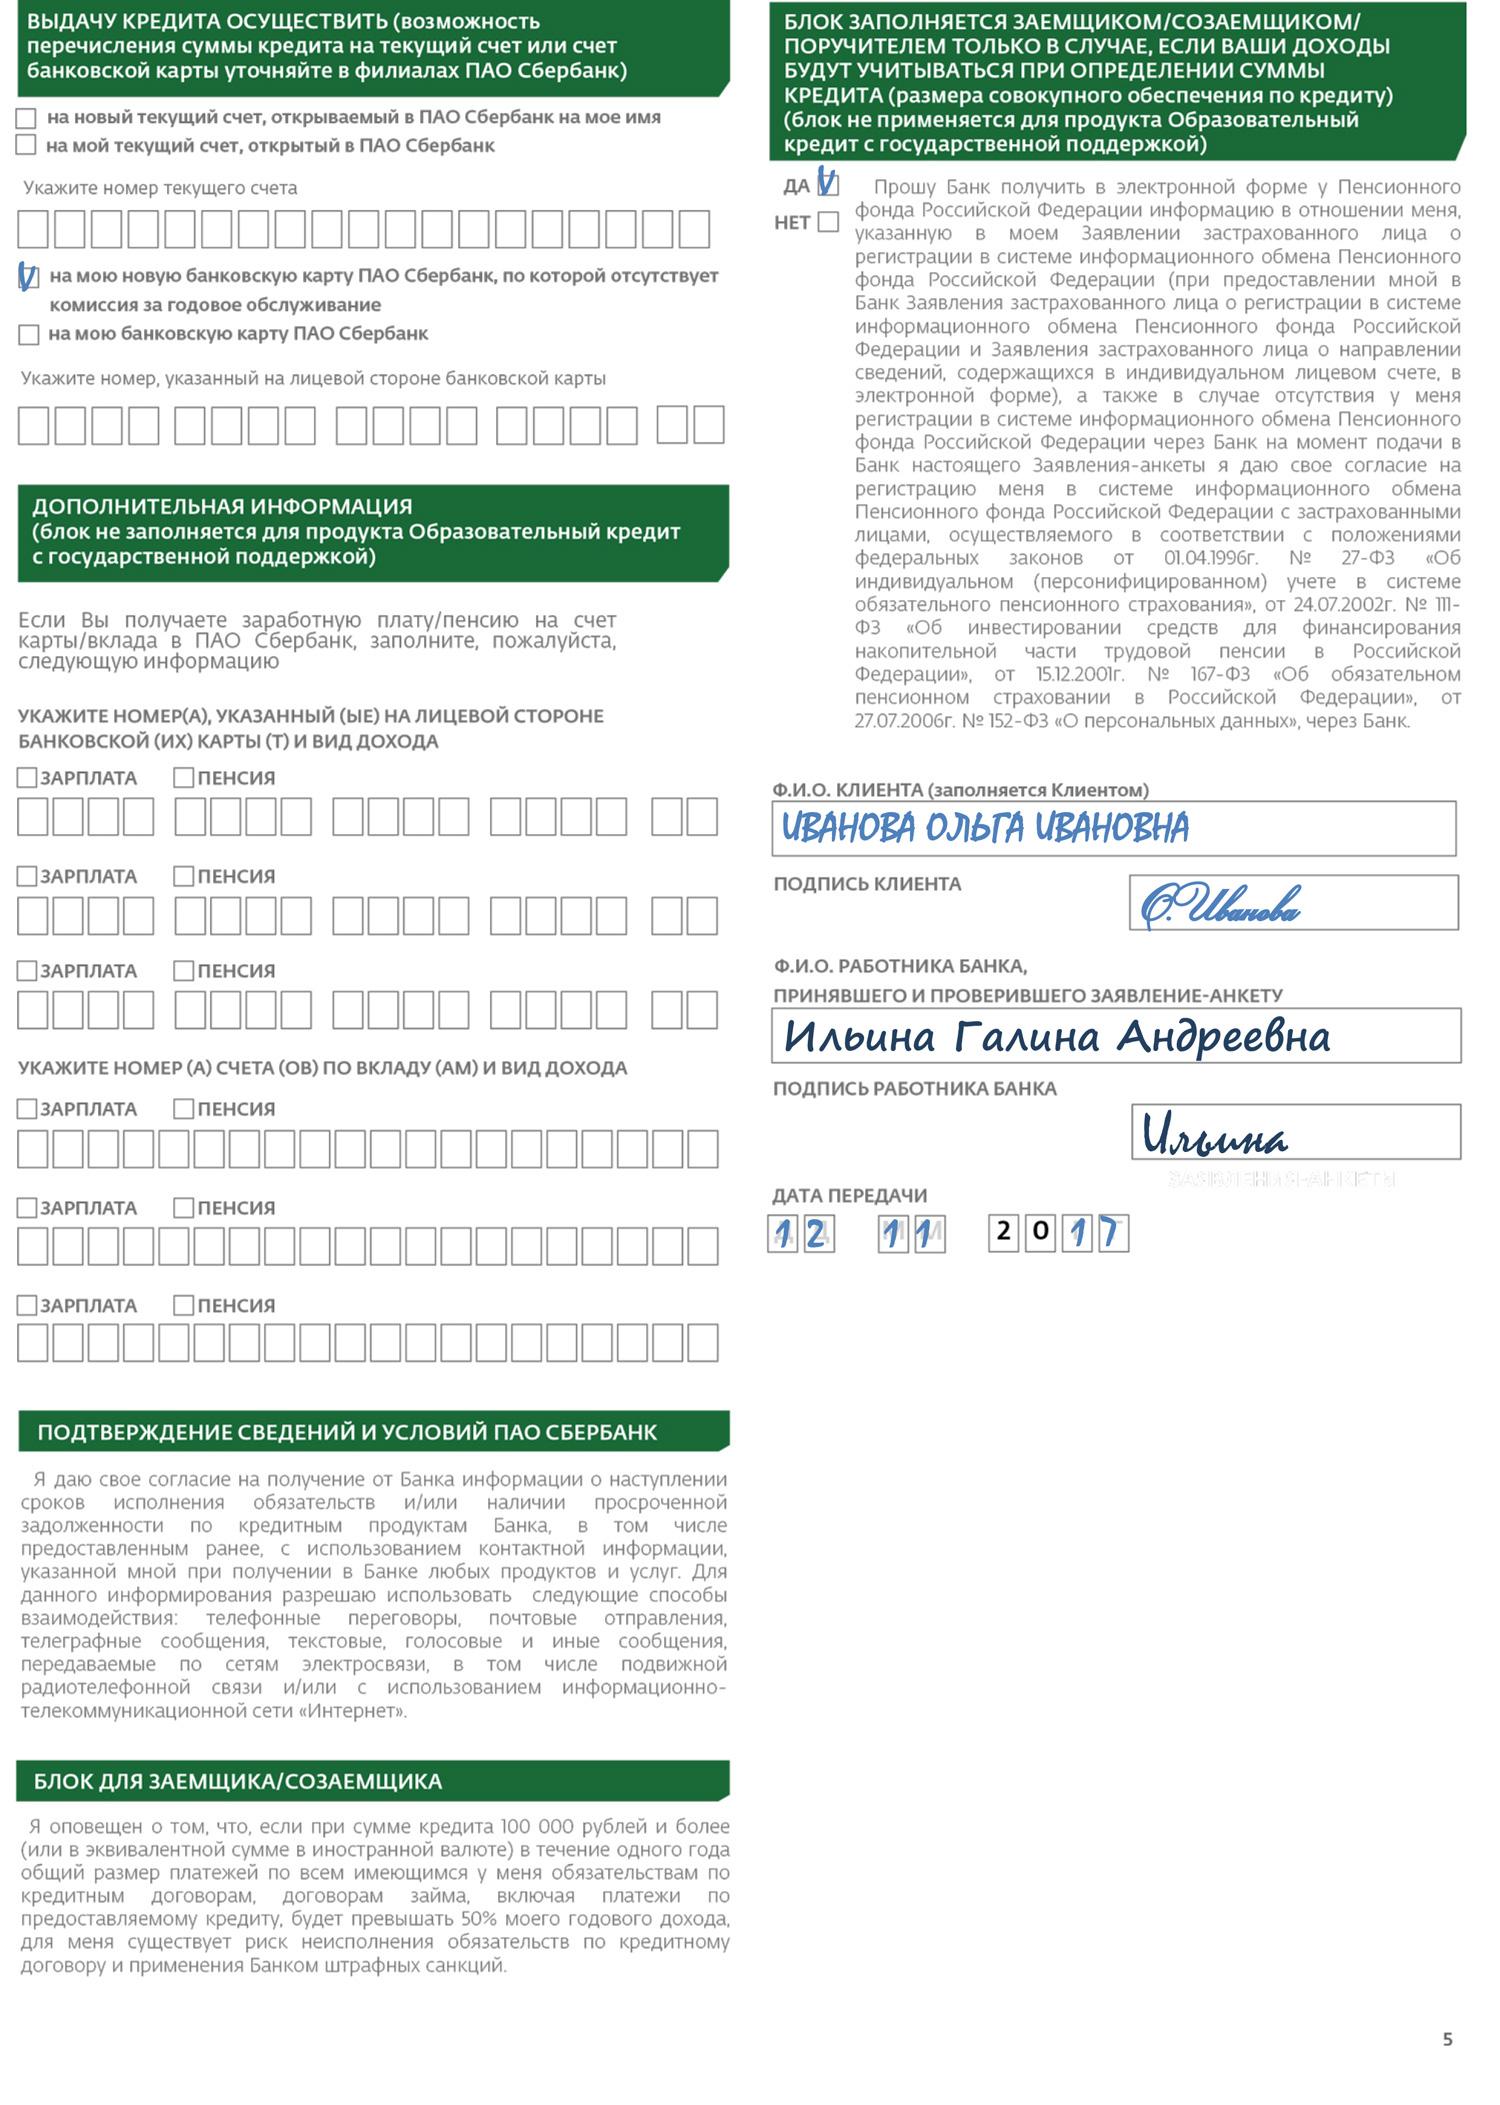 сбербанк рефинансирование кредитов других банков физическим лицам онлайн заявка